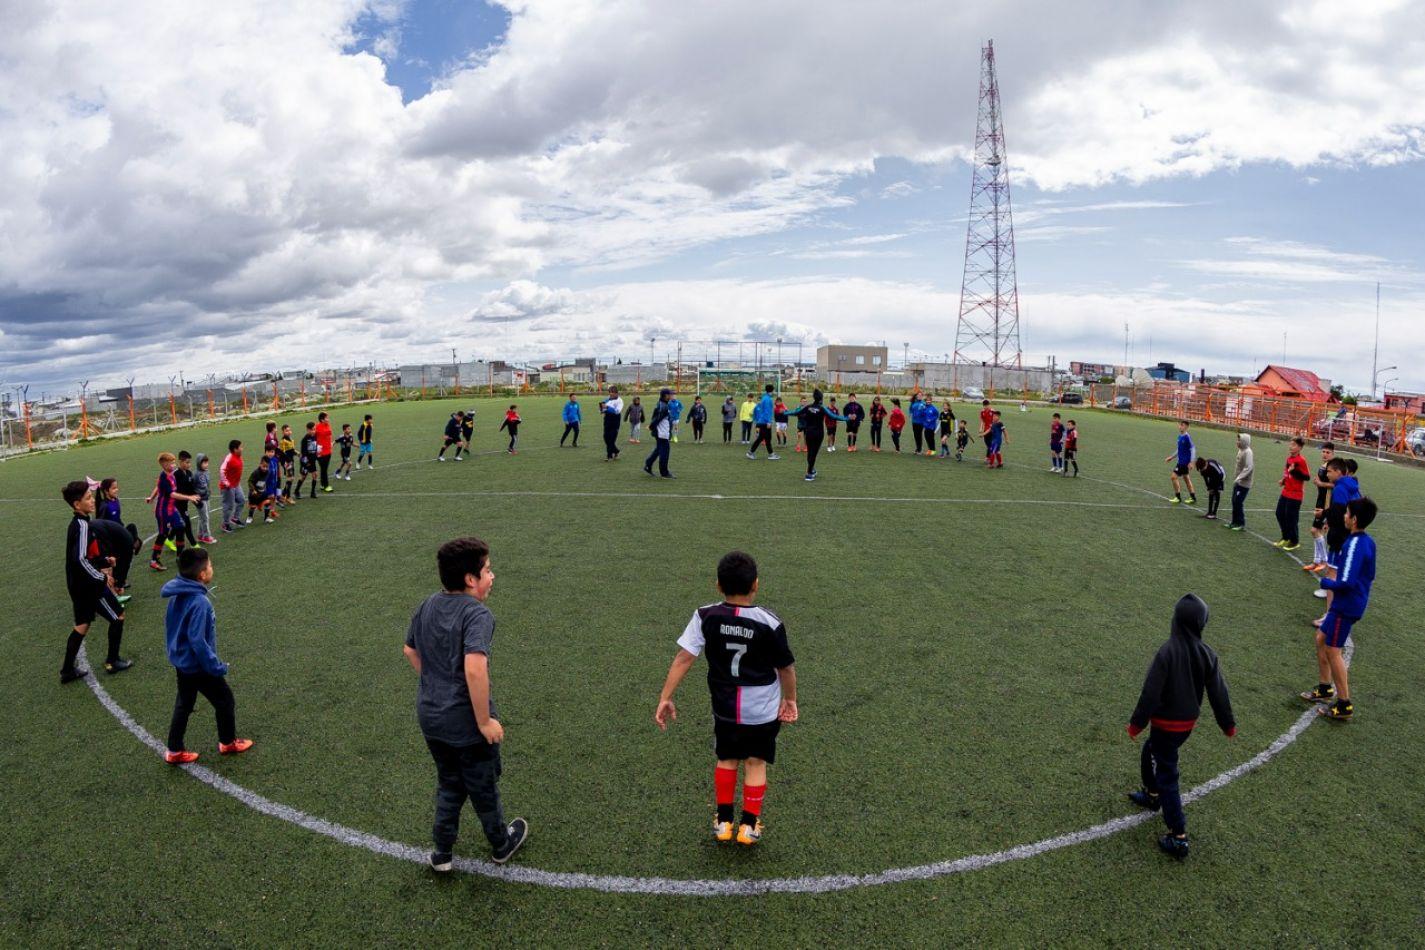 El Municipio realiza actividades recreativas con clubes y escuelitas de fútbol